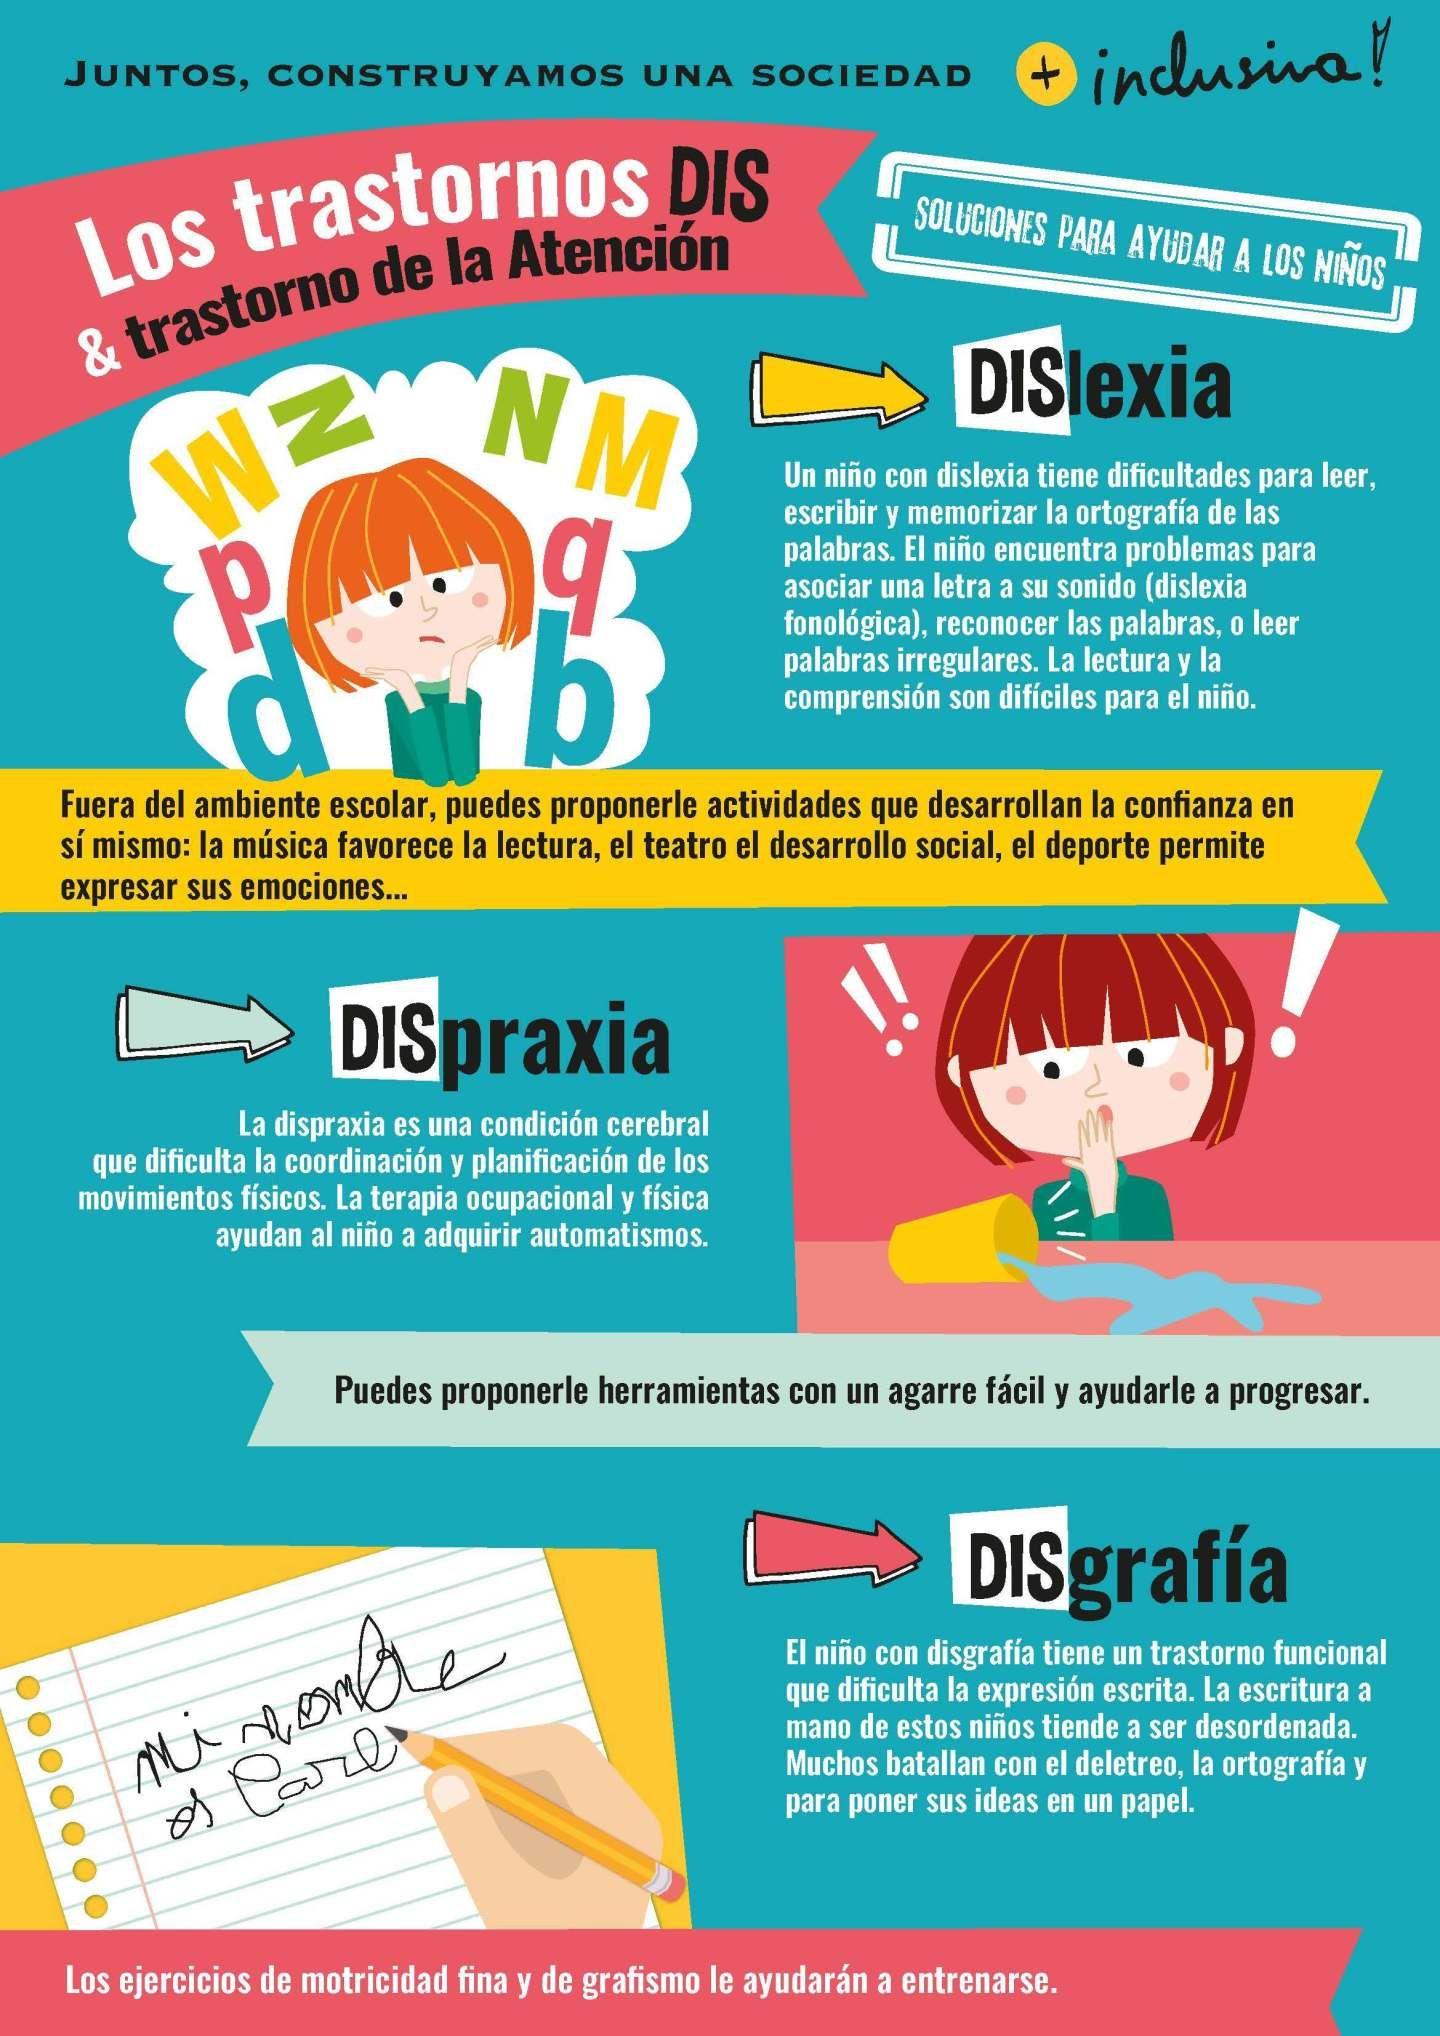 Trastornos Dis 1 Discalculia Dislexia Disgrafía